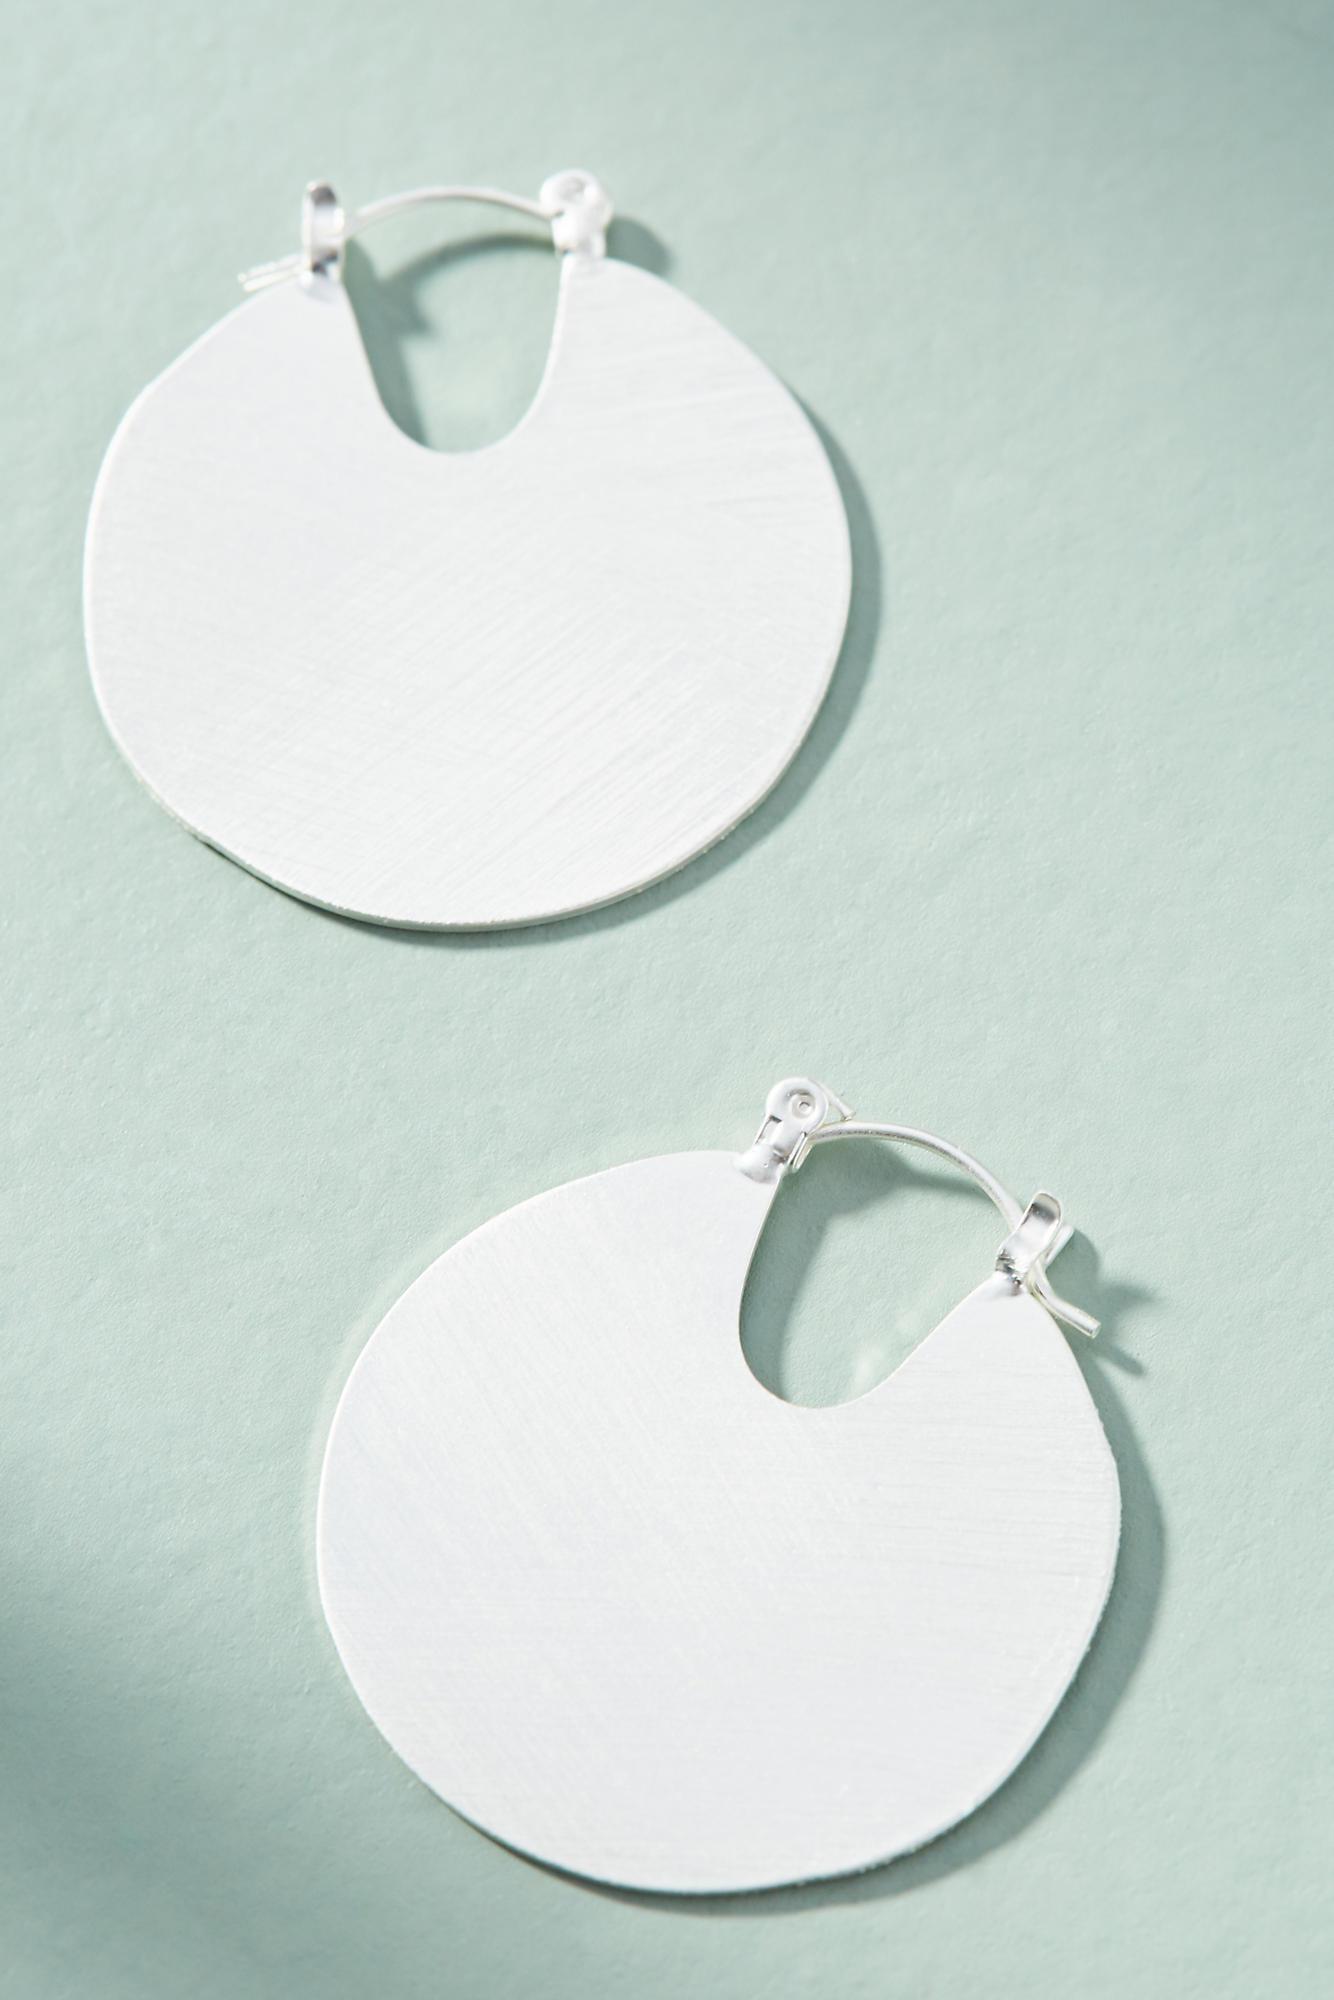 Anthropologie Mini Filled Hoop Earrings HfntU